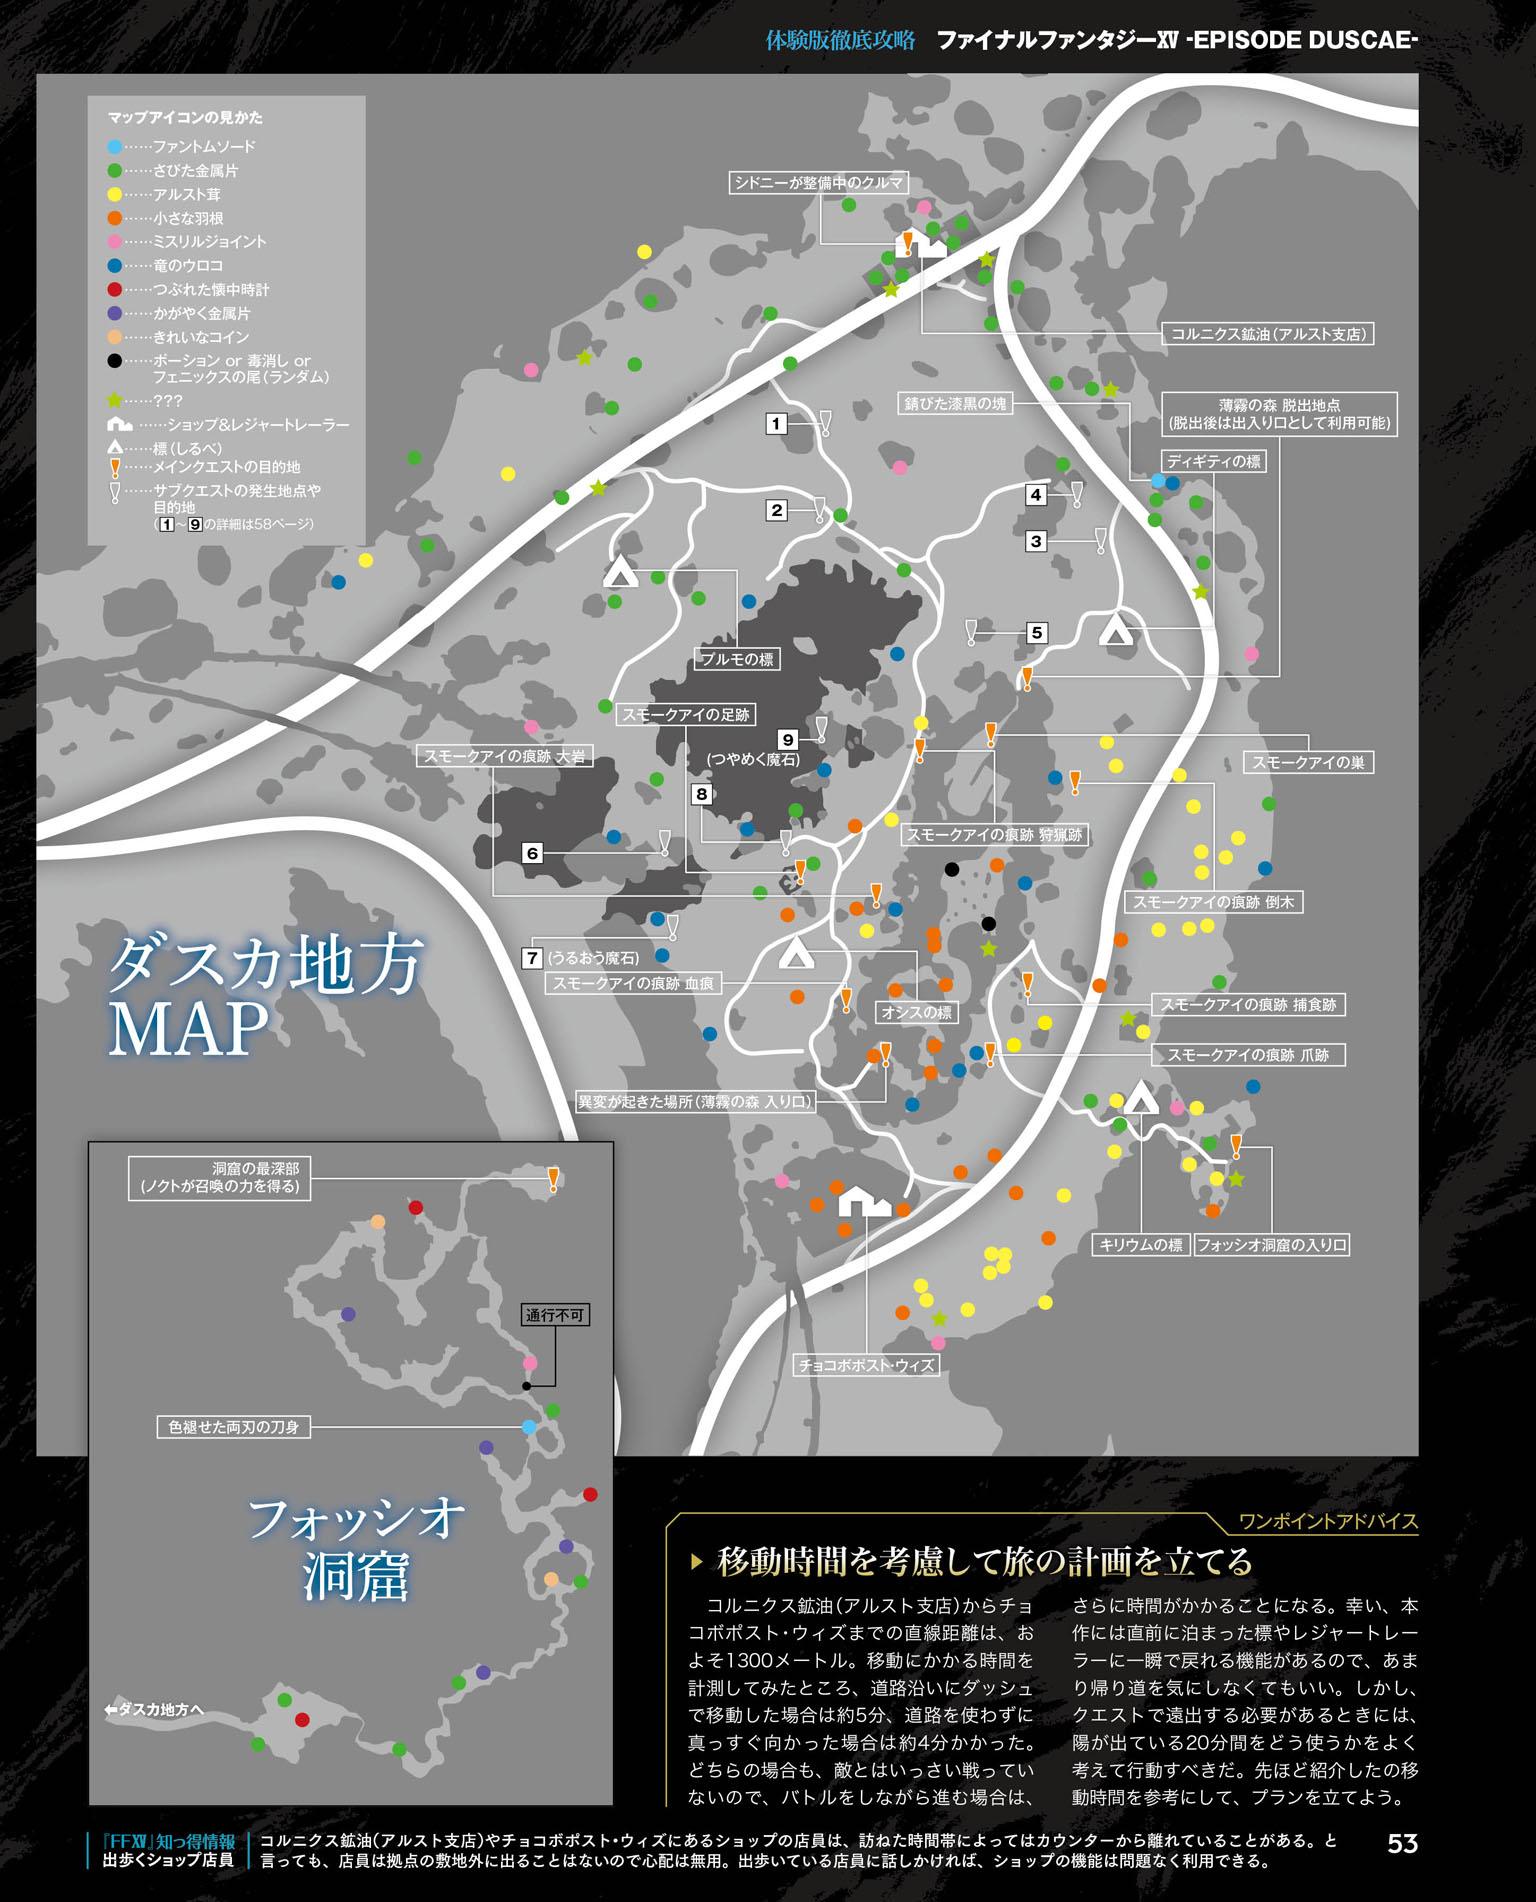 duscae map (ep duscae). image  duscae map (ep duscae)  final fantasy wiki  fandom